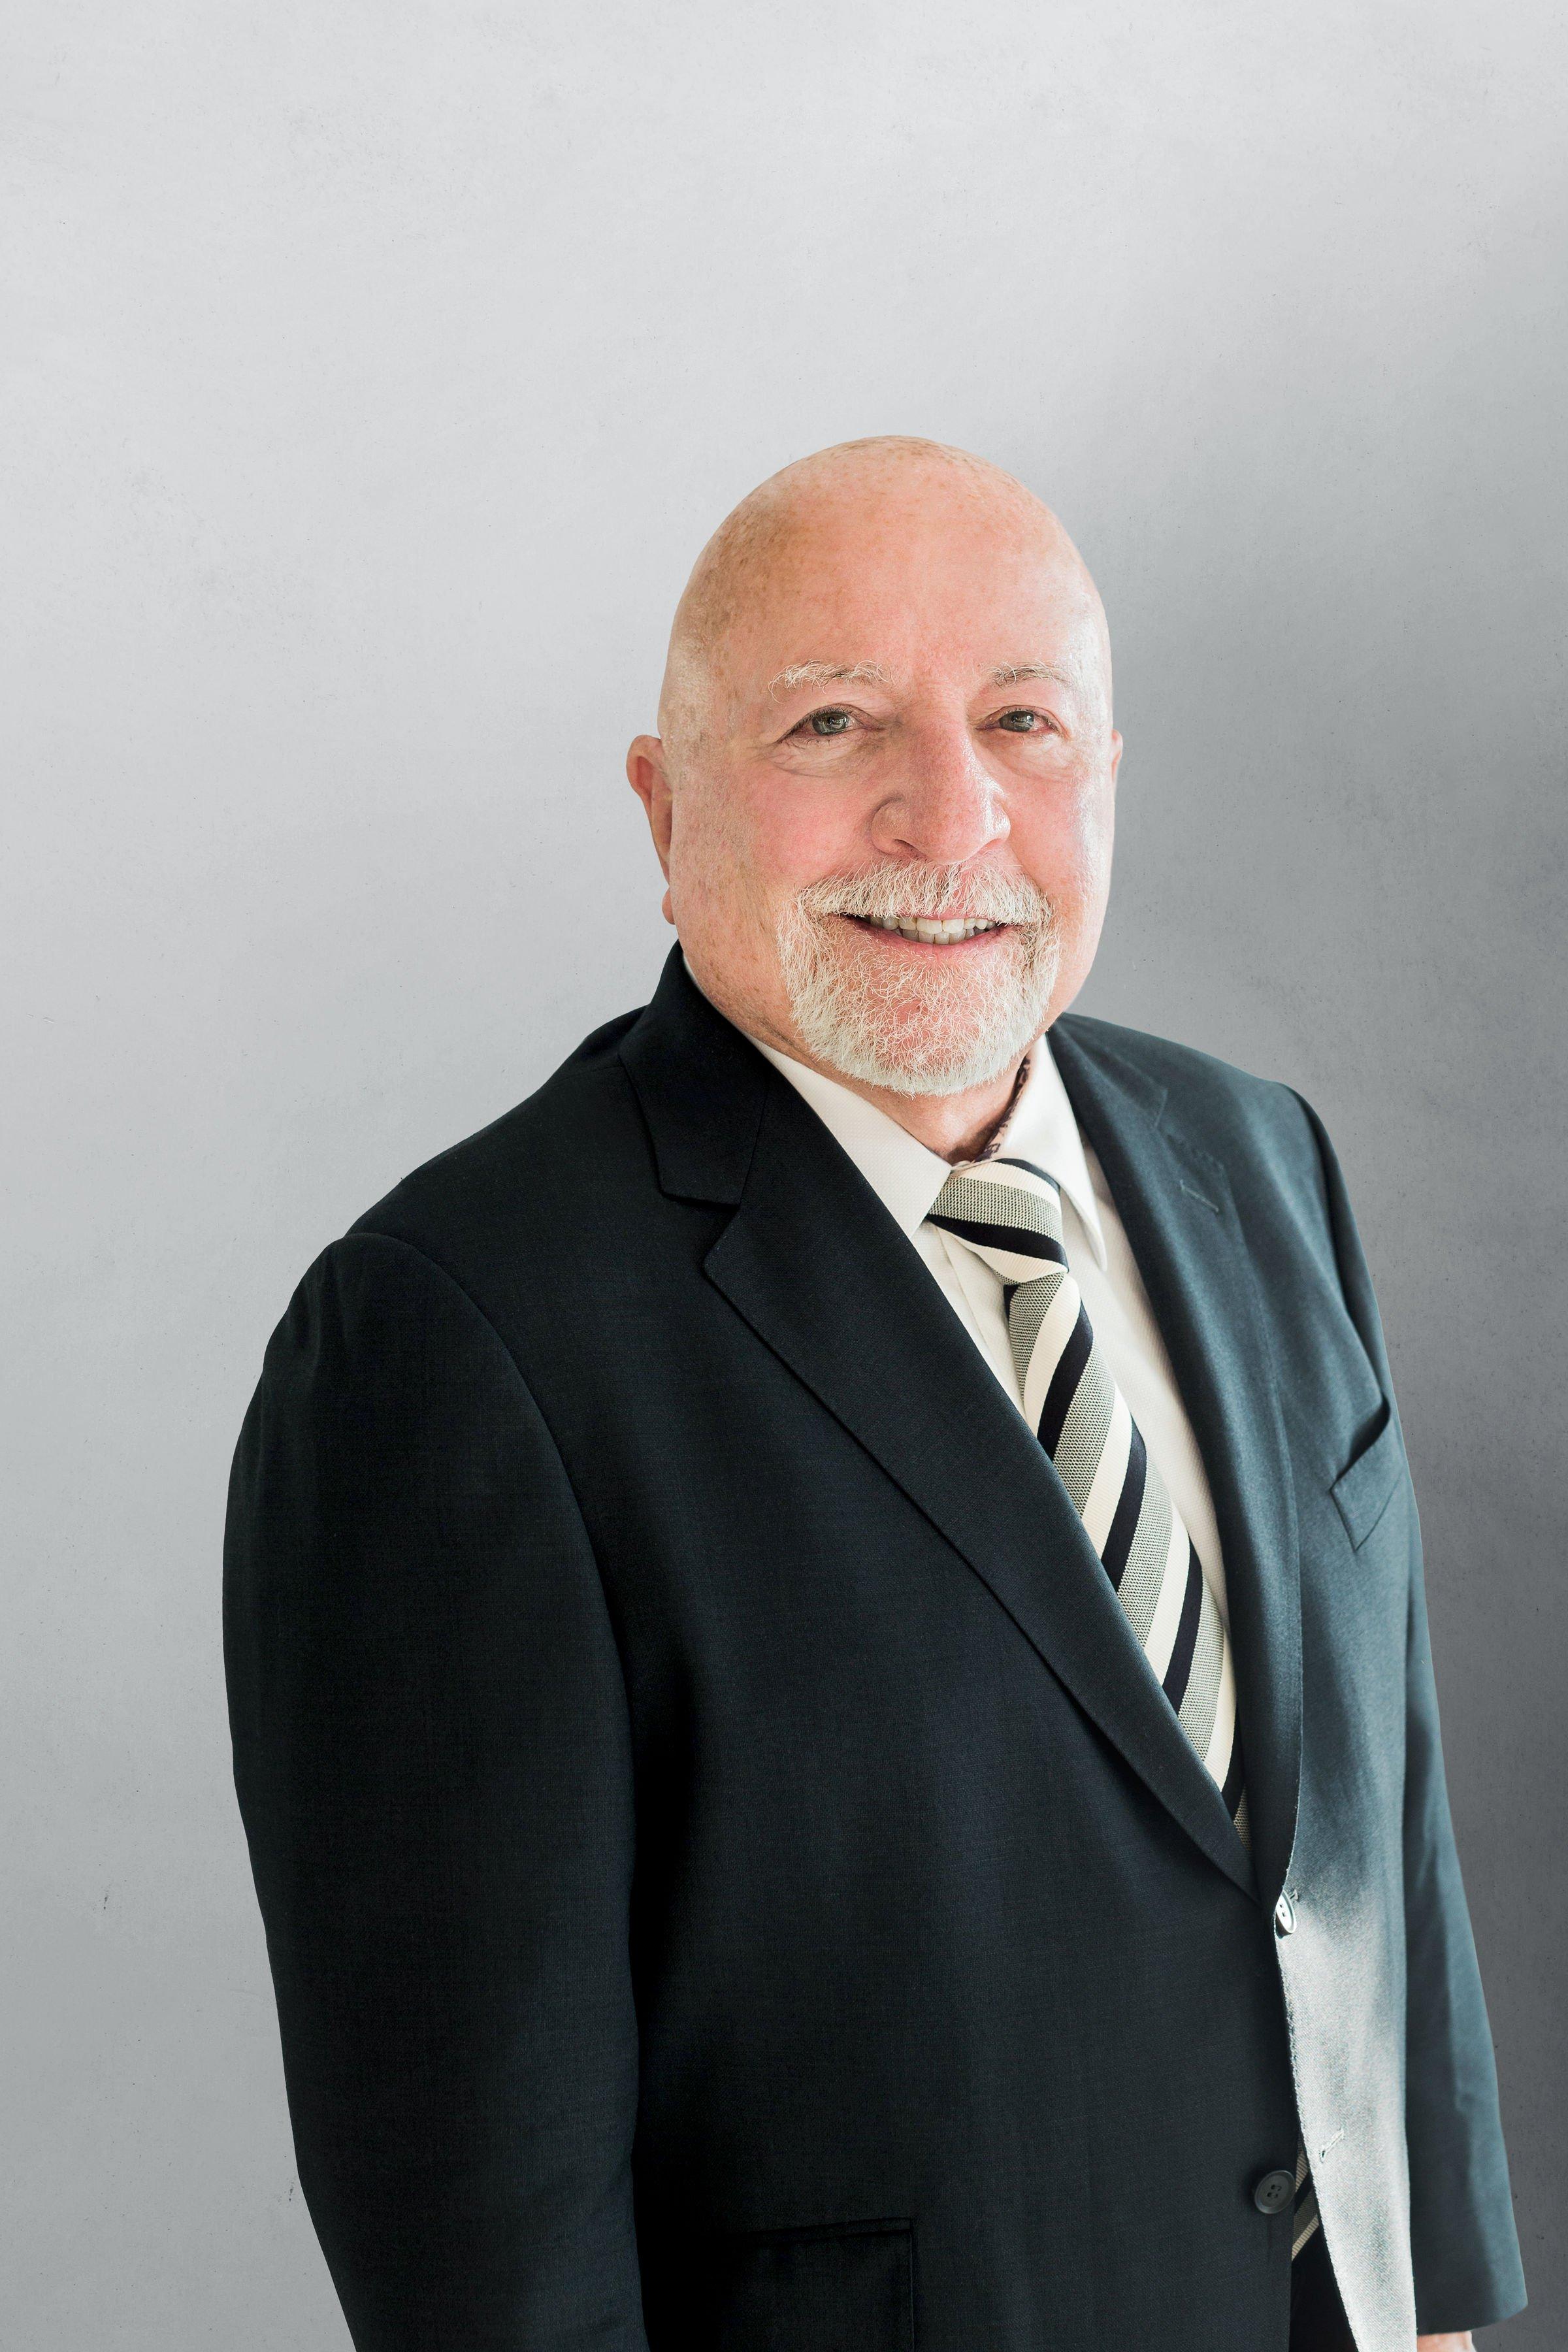 Attorney Michael D. Ainbinder